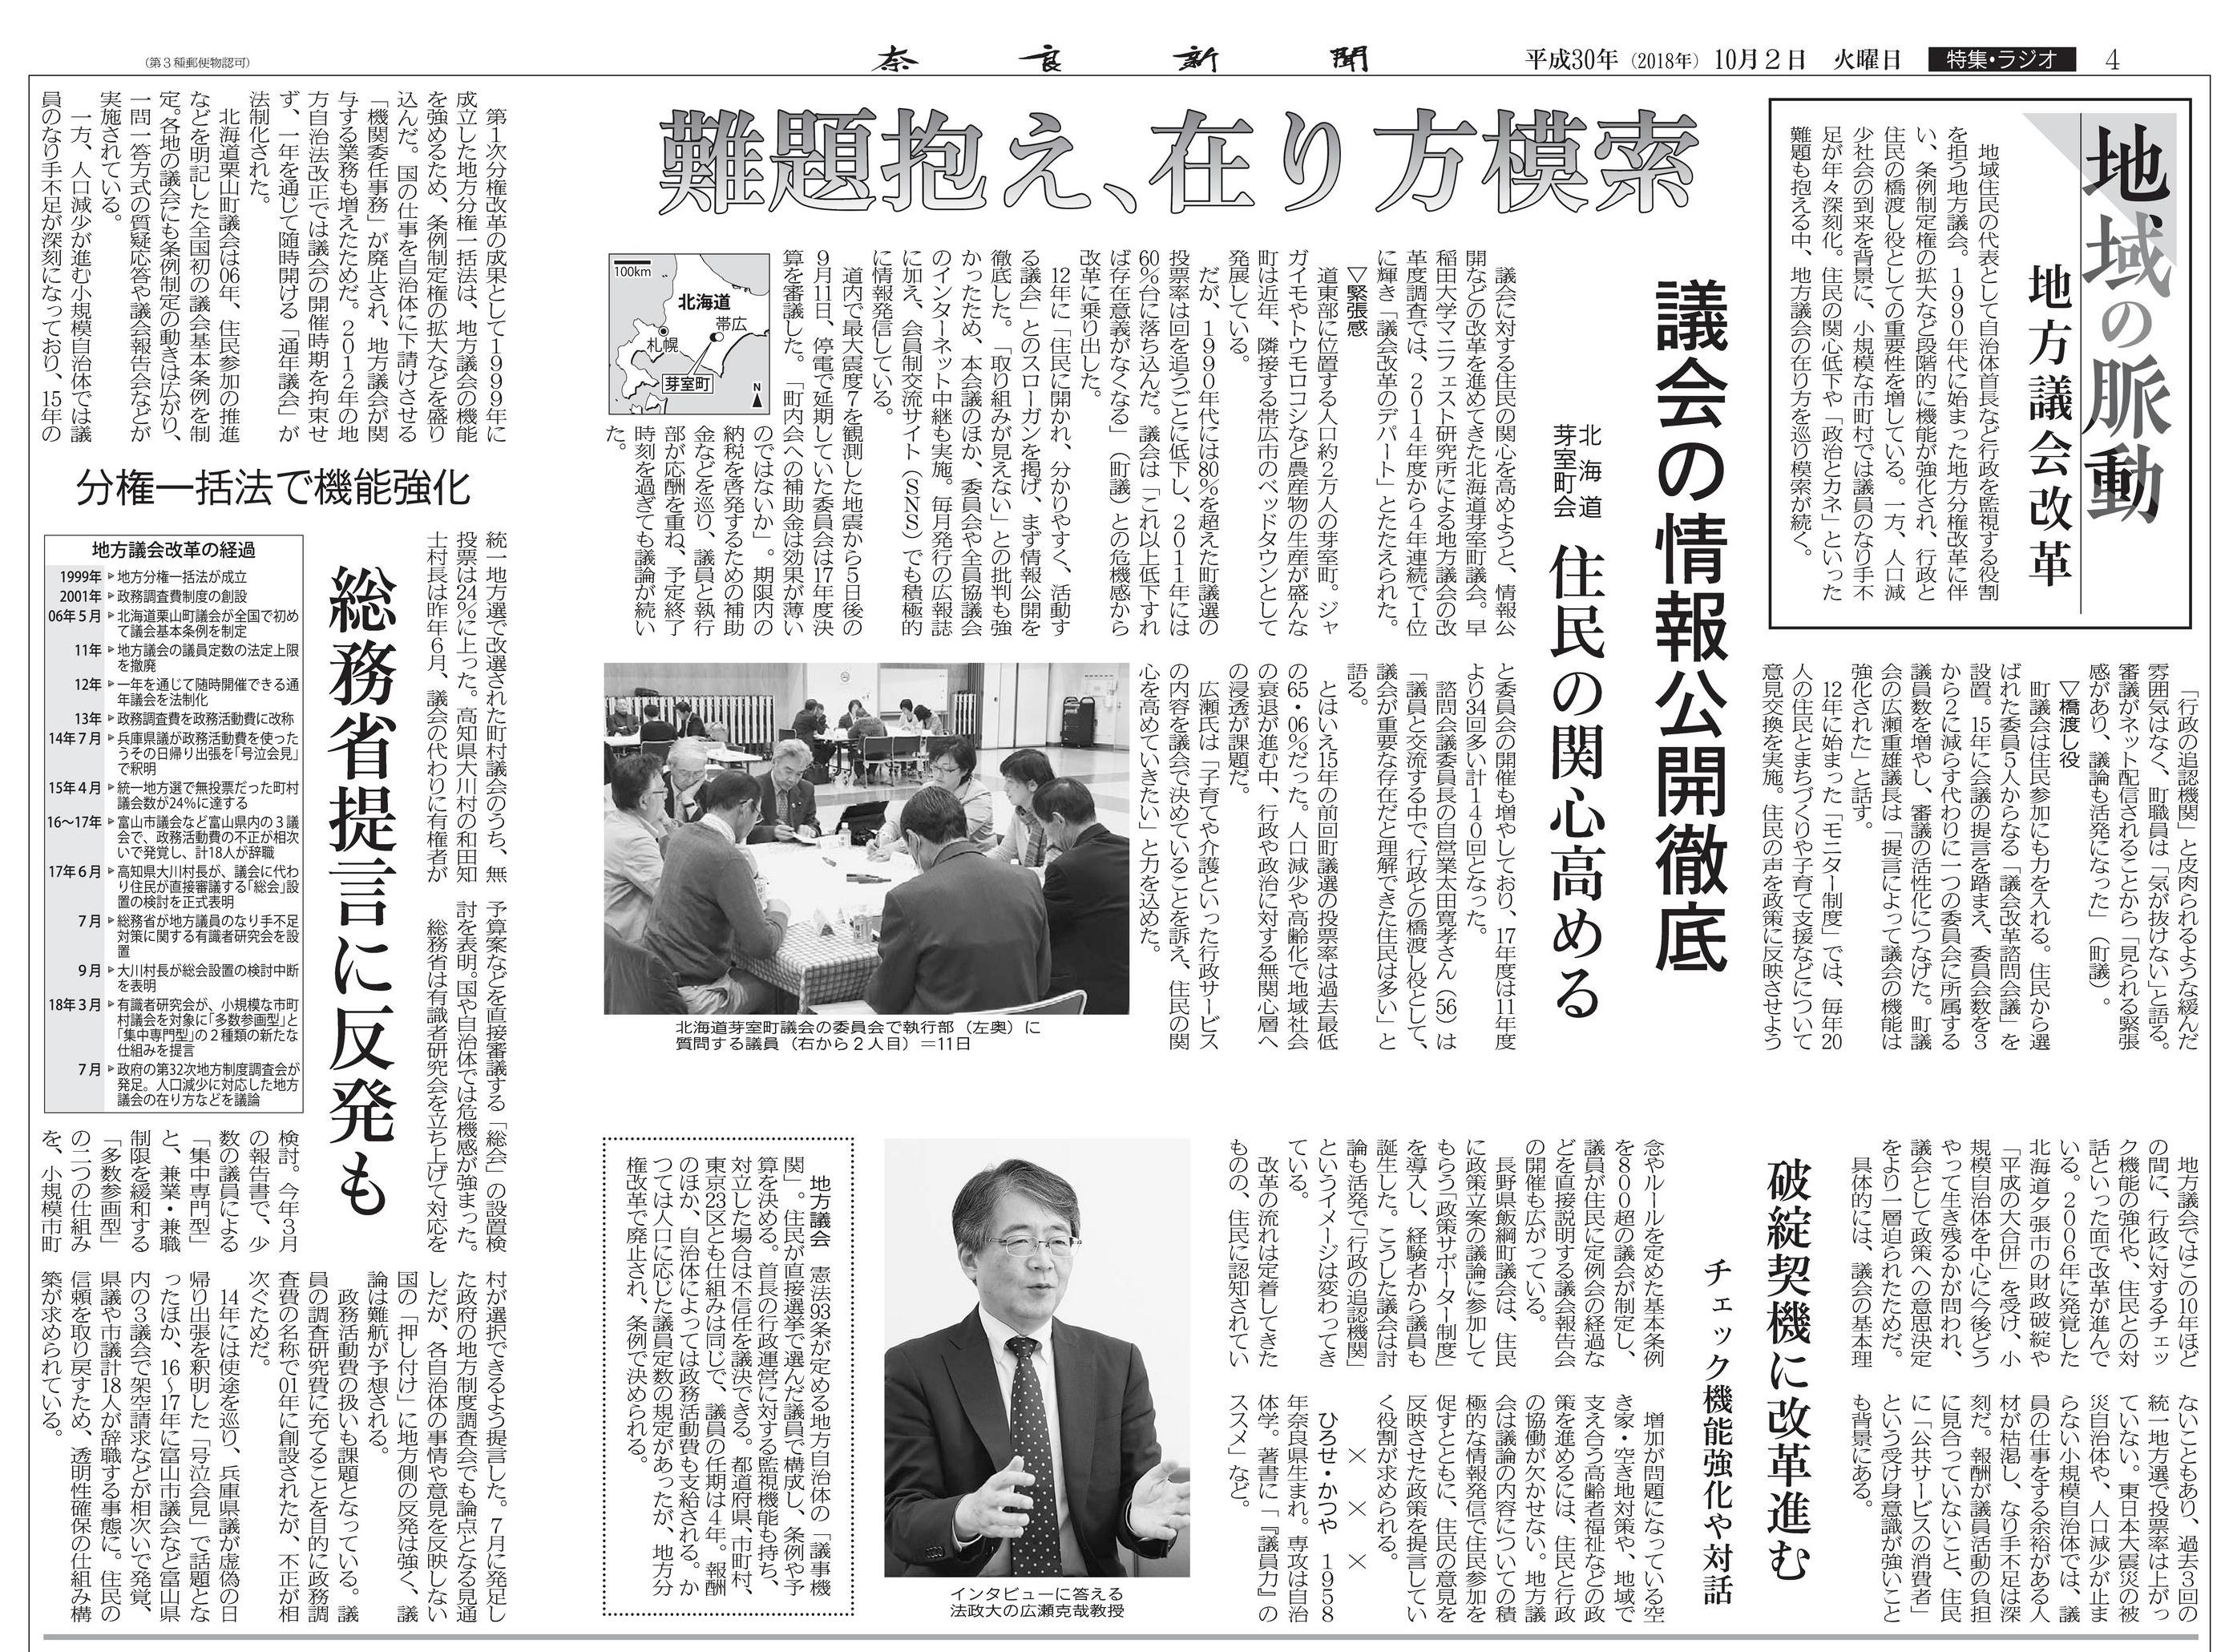 奈良新聞(2018-10-02)より「地方議会改革」